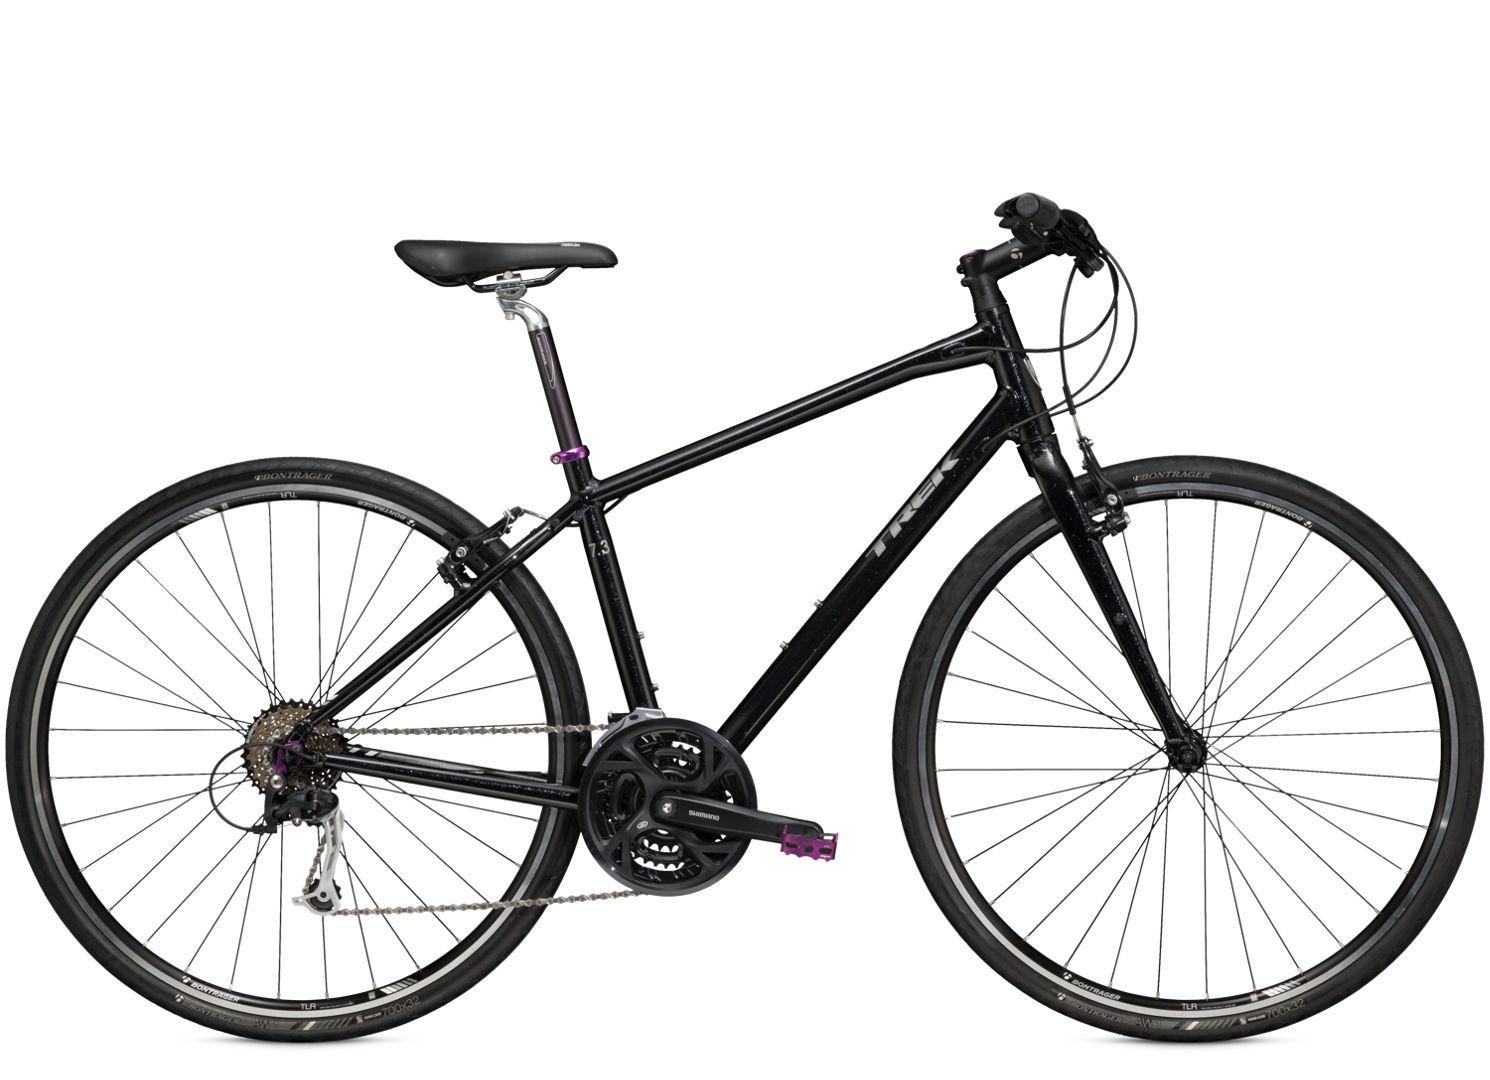 7 3 Fx Wsd Trek Bicycle Trek Bikes Trek Bicycle Biking Workout